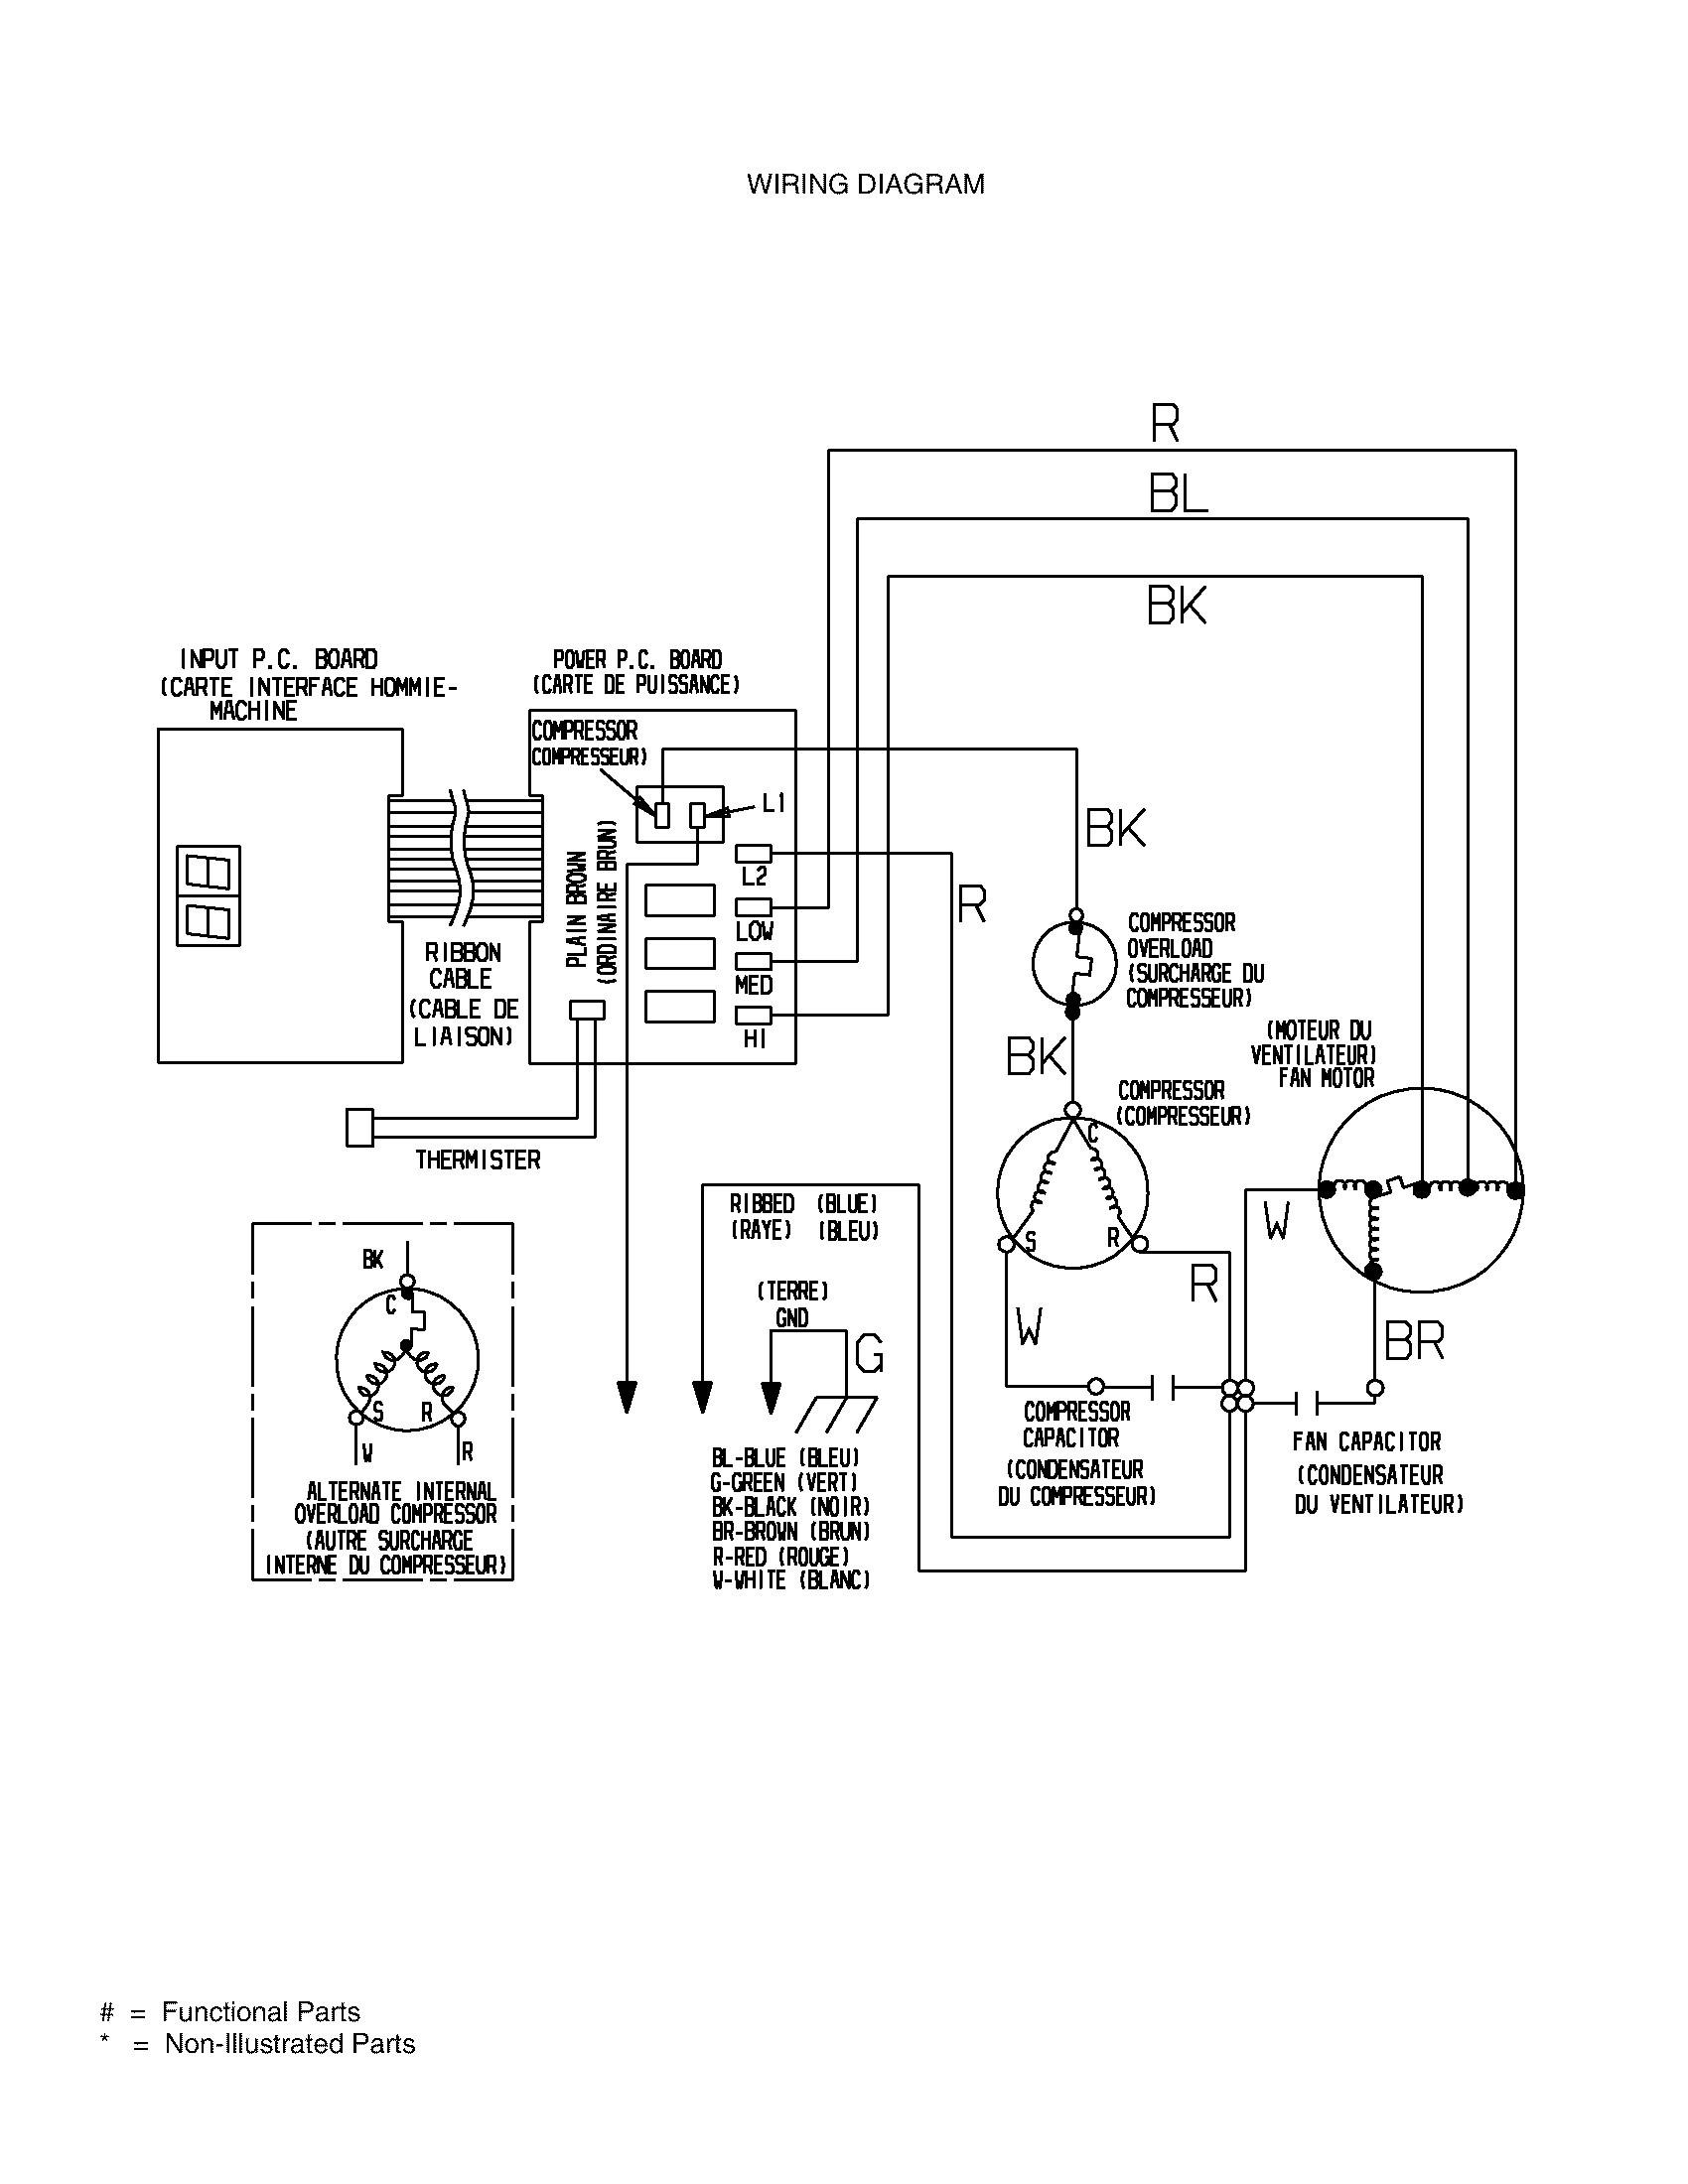 Ac System Diagram Car Wiring Diagram Bmw E36 Archives Rccarsusa New Wiring Diagram Of Ac System Diagram Car